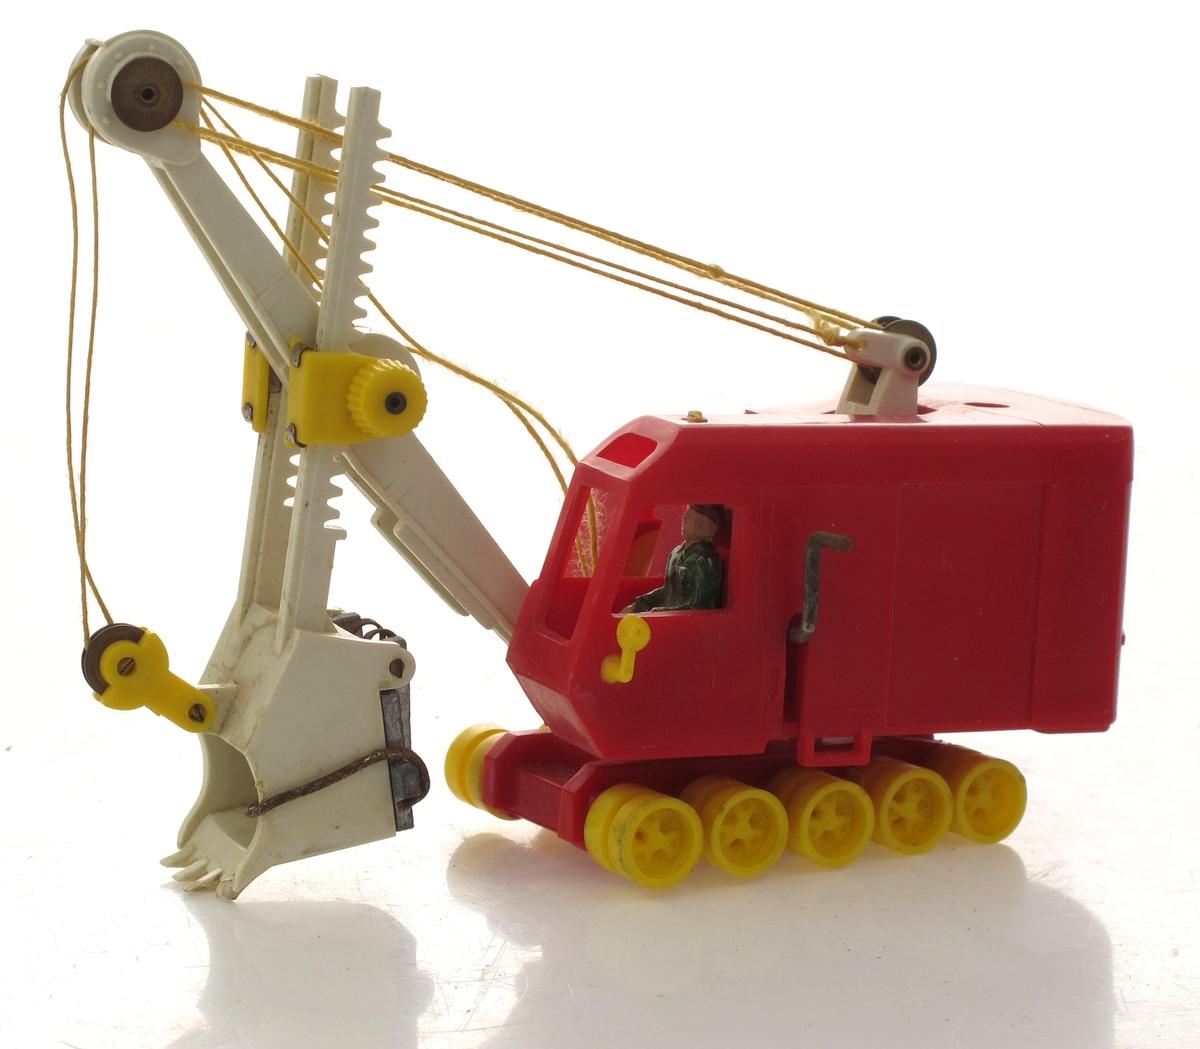 Lekegravemaskin med deler støpt i plast. Mekanisk leketøy ed bevegelige deler, snorer og sveiver, og hjul.